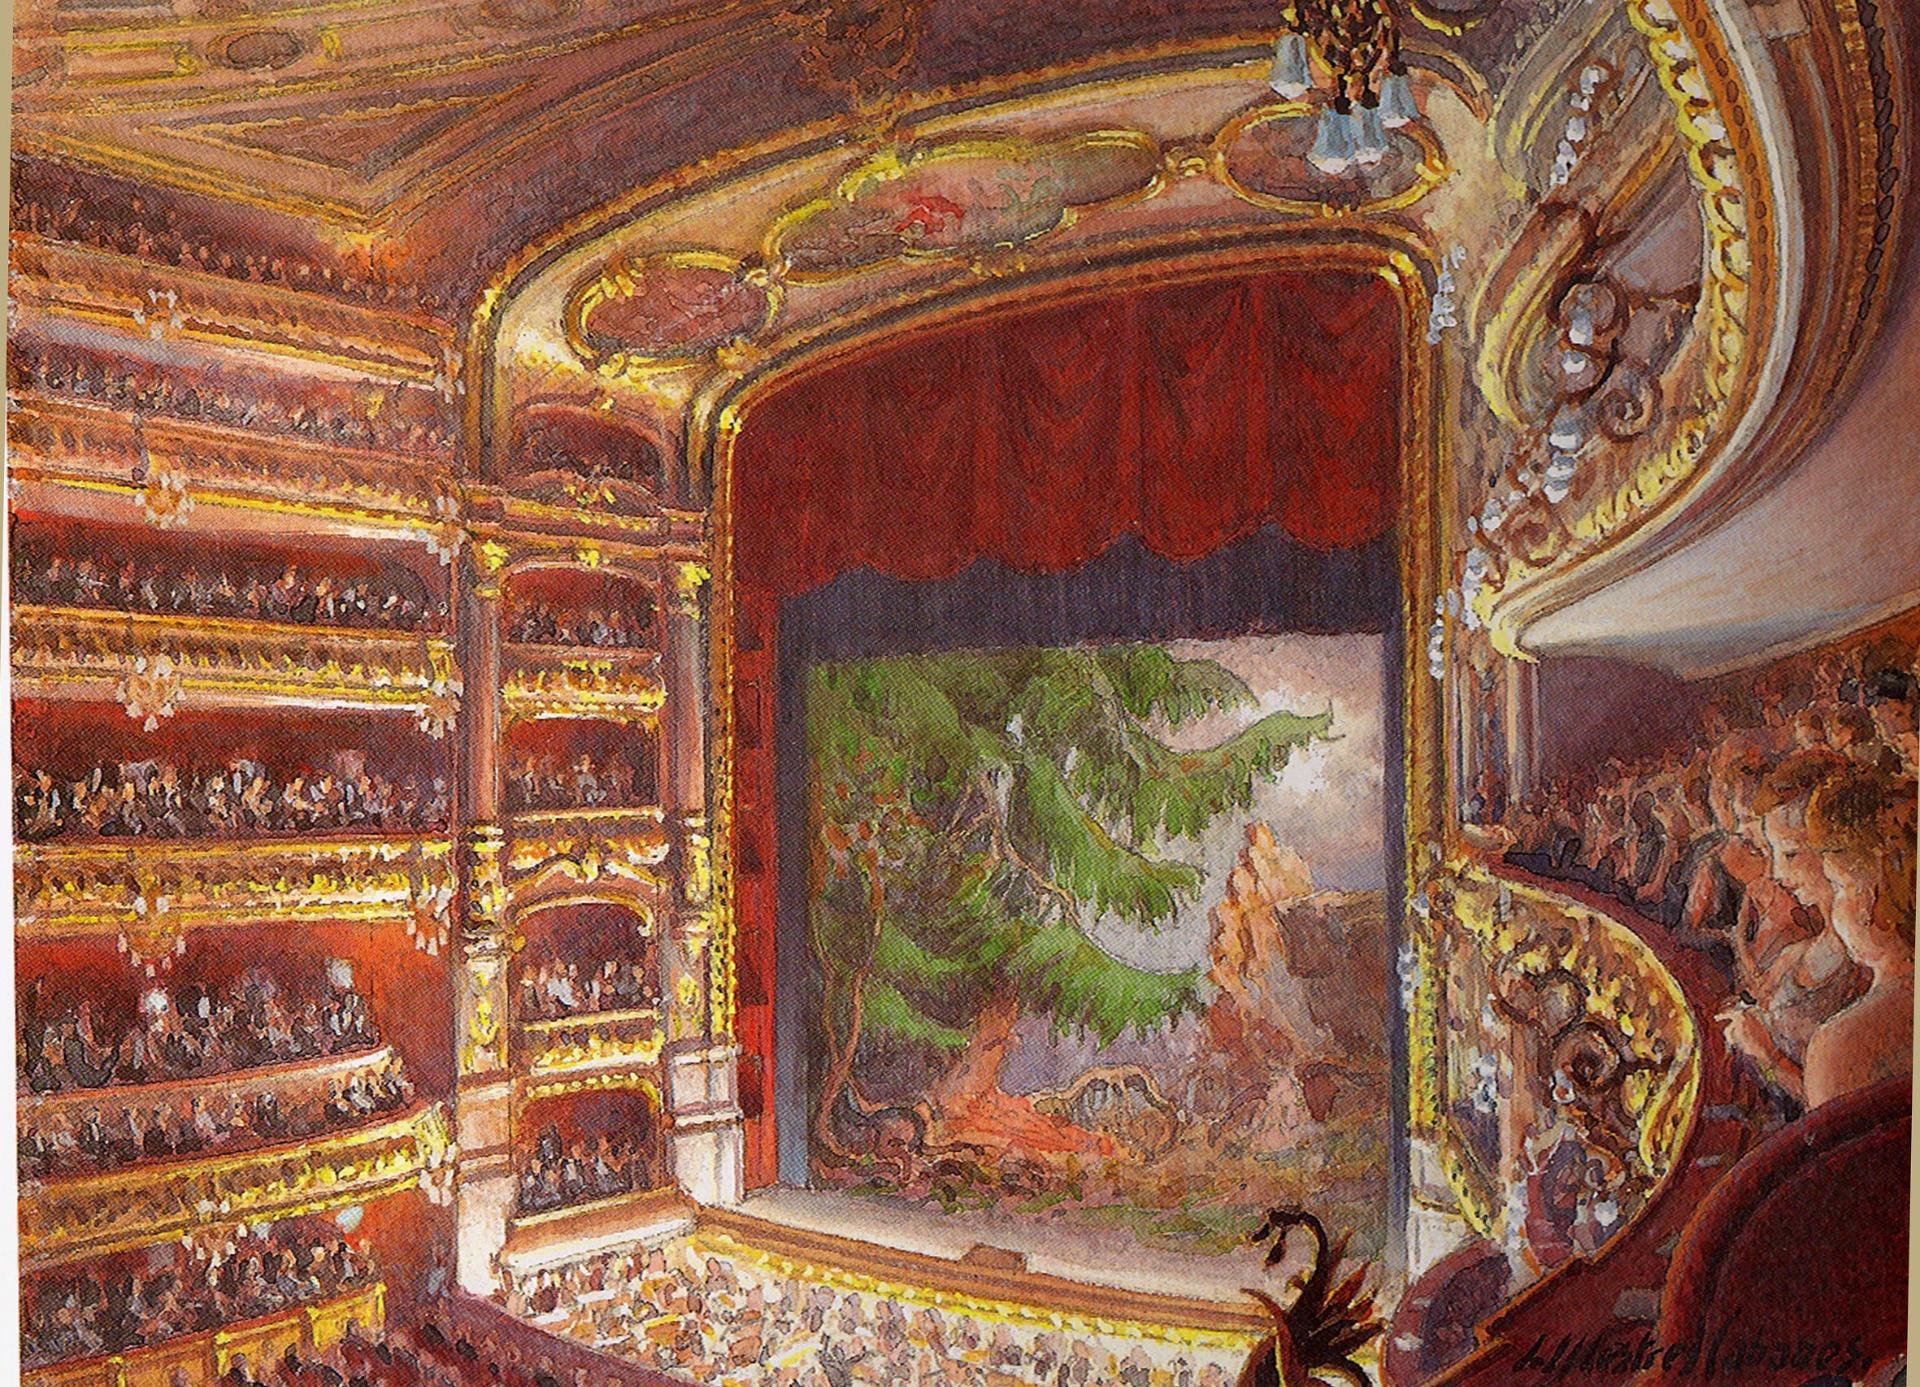 15-interior-del-principal-gran-teatre-del-liceu-barcelona-durante-unas-actuaciones-de-la-valquiria-acto-iii-1